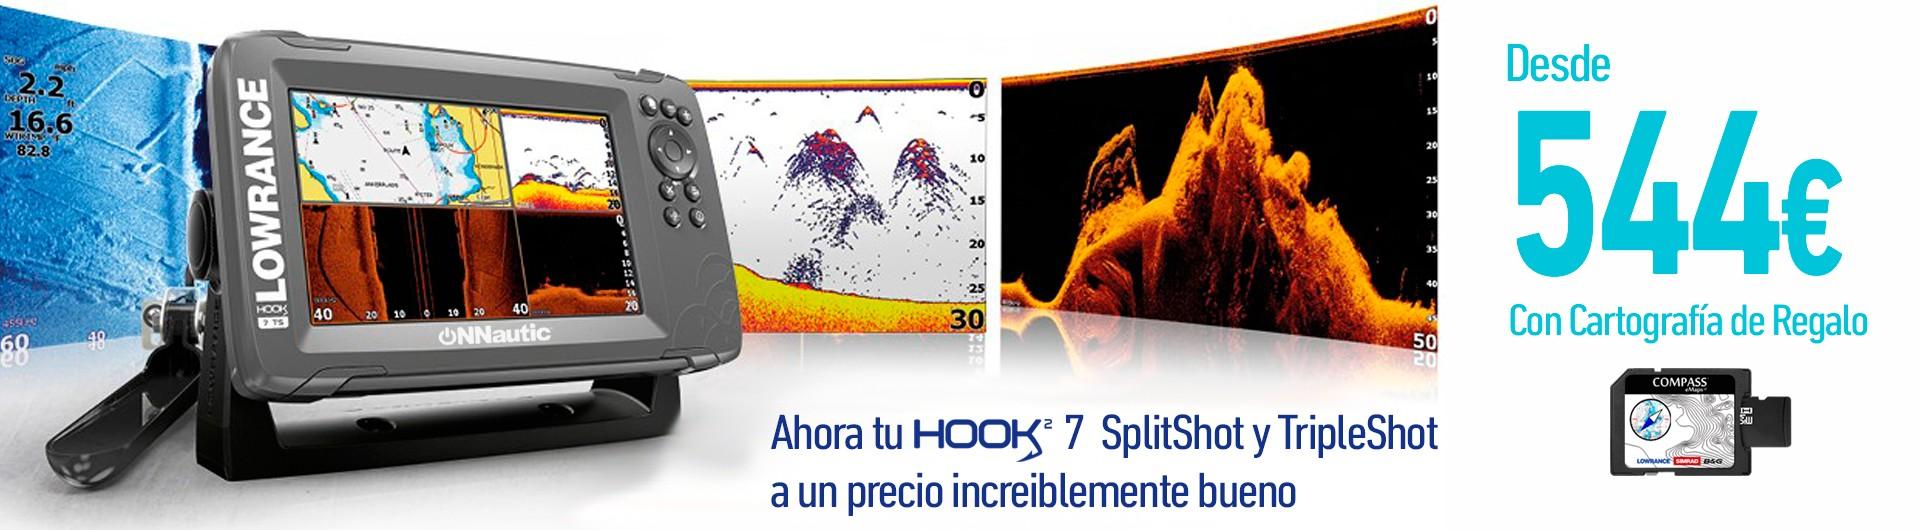 Tu Hook2-7 SplitShot y TripleShot al mejor precio y con cartografía incluida